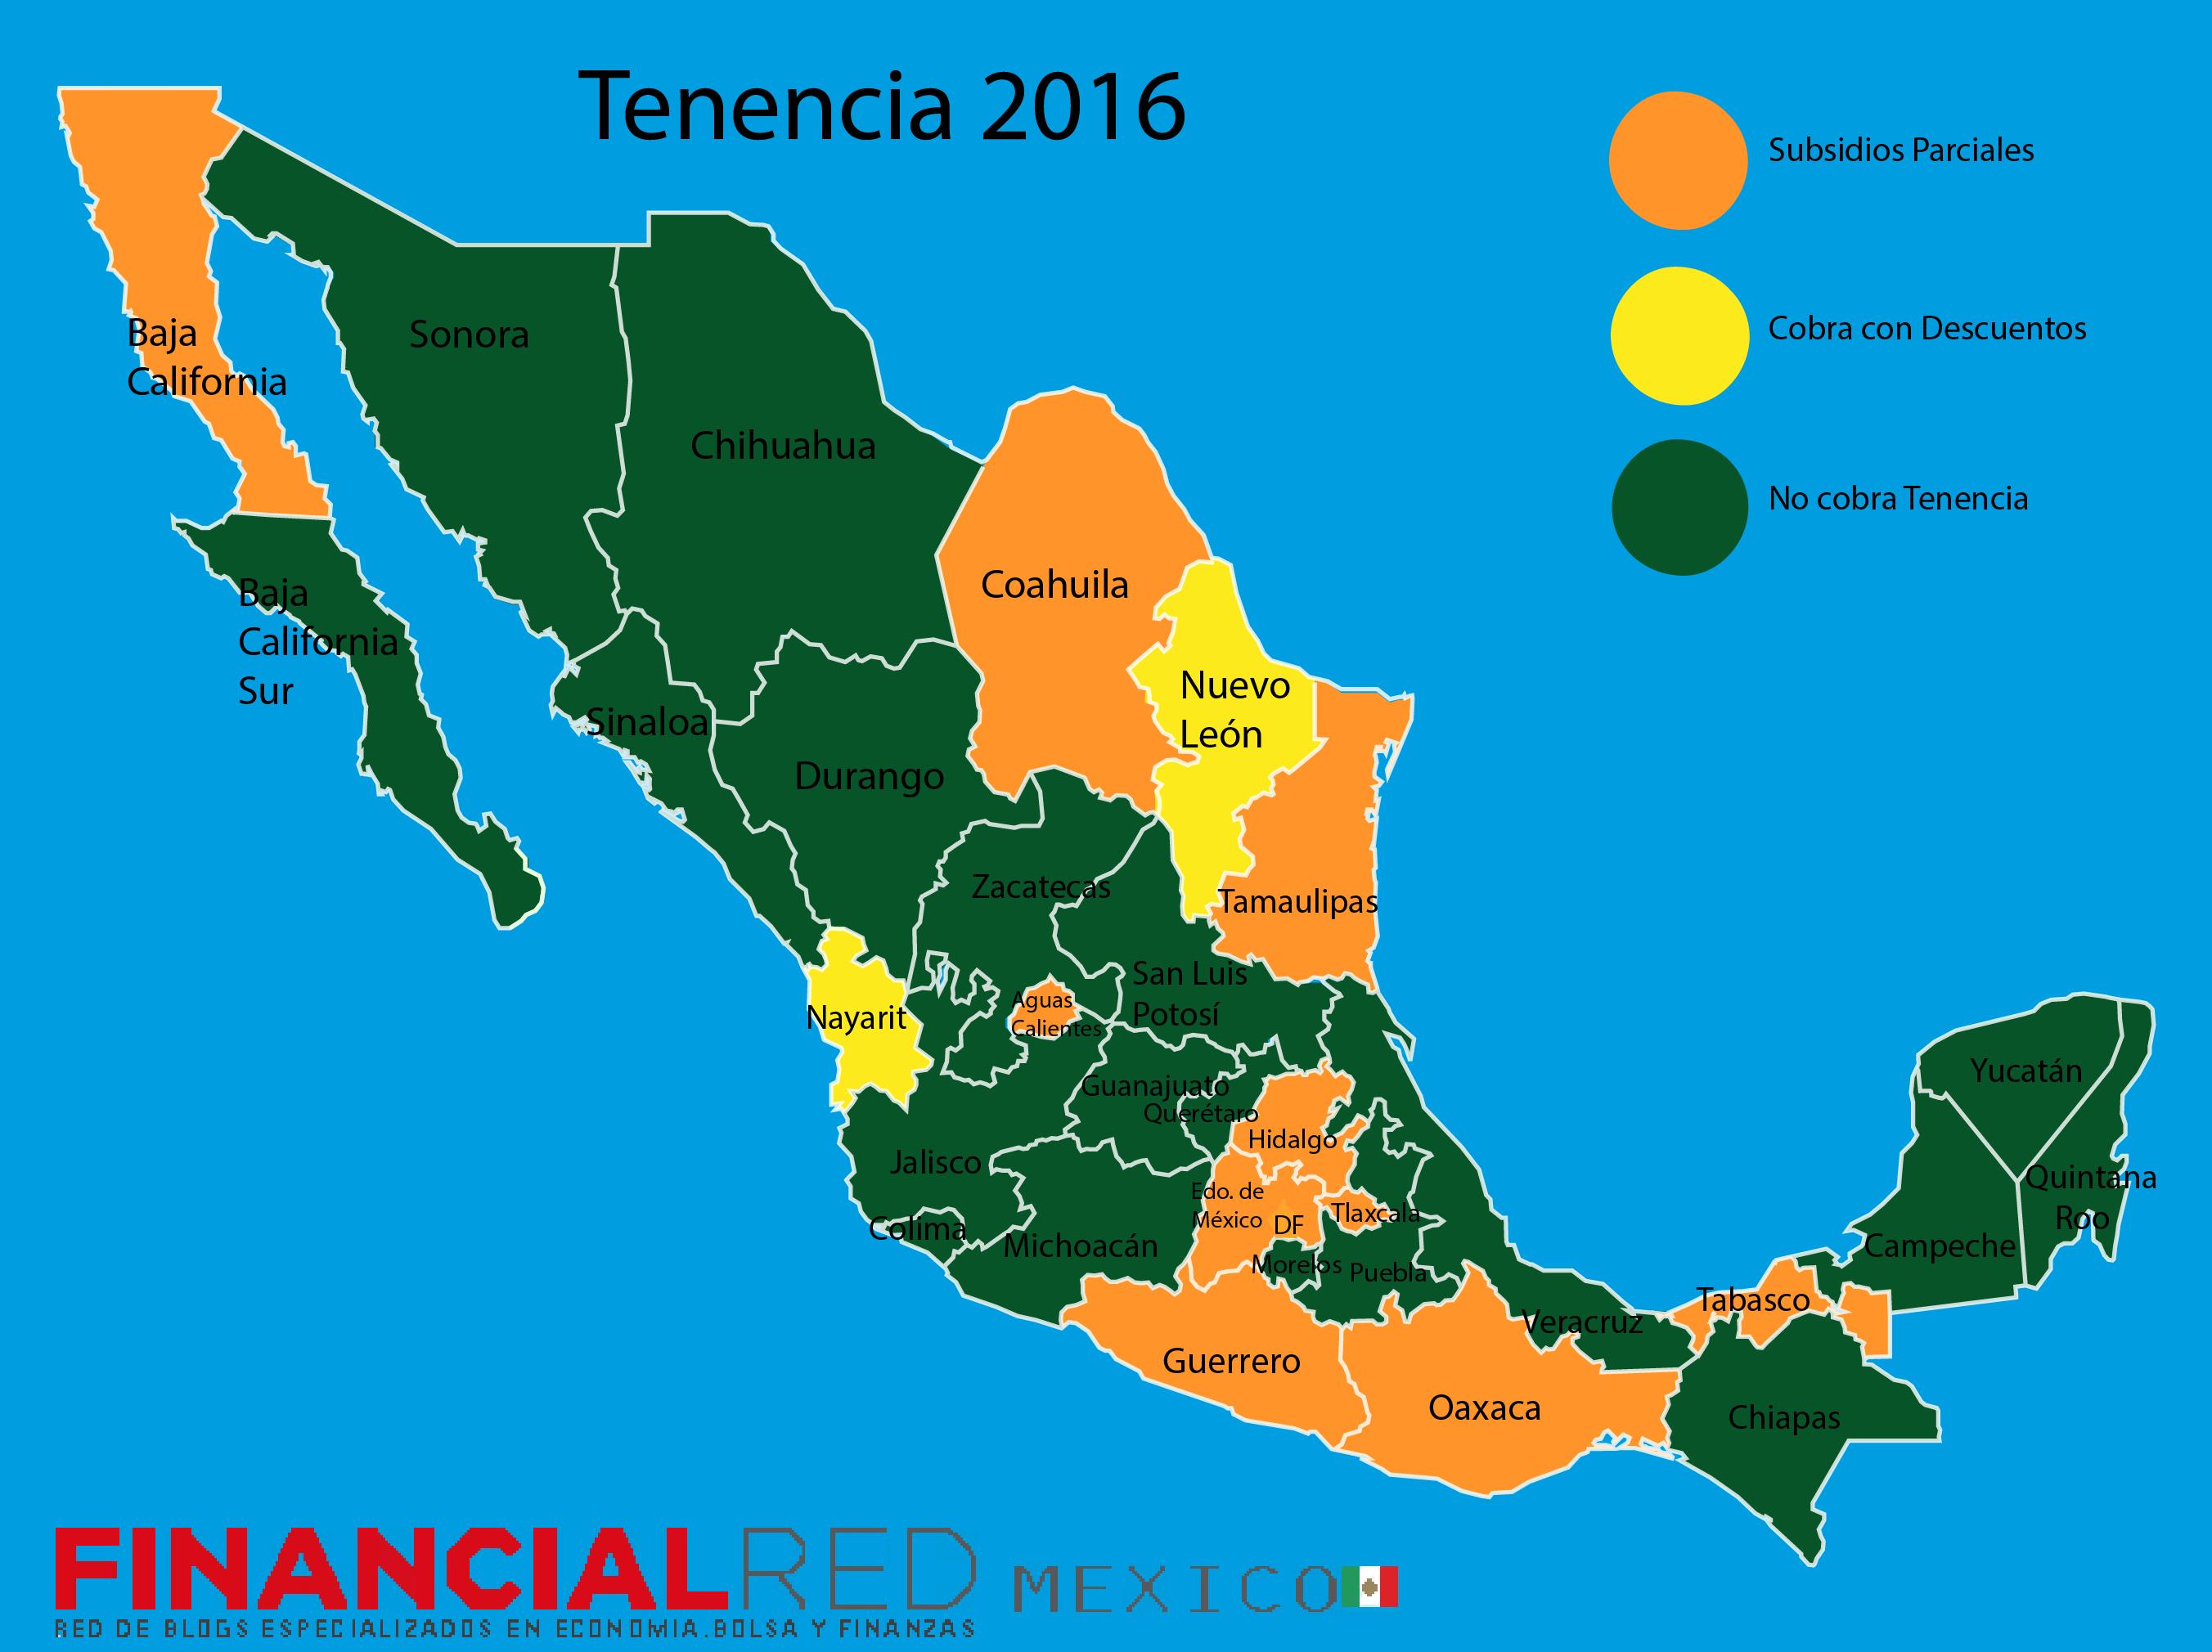 Mapa Tenencia 2016 en México